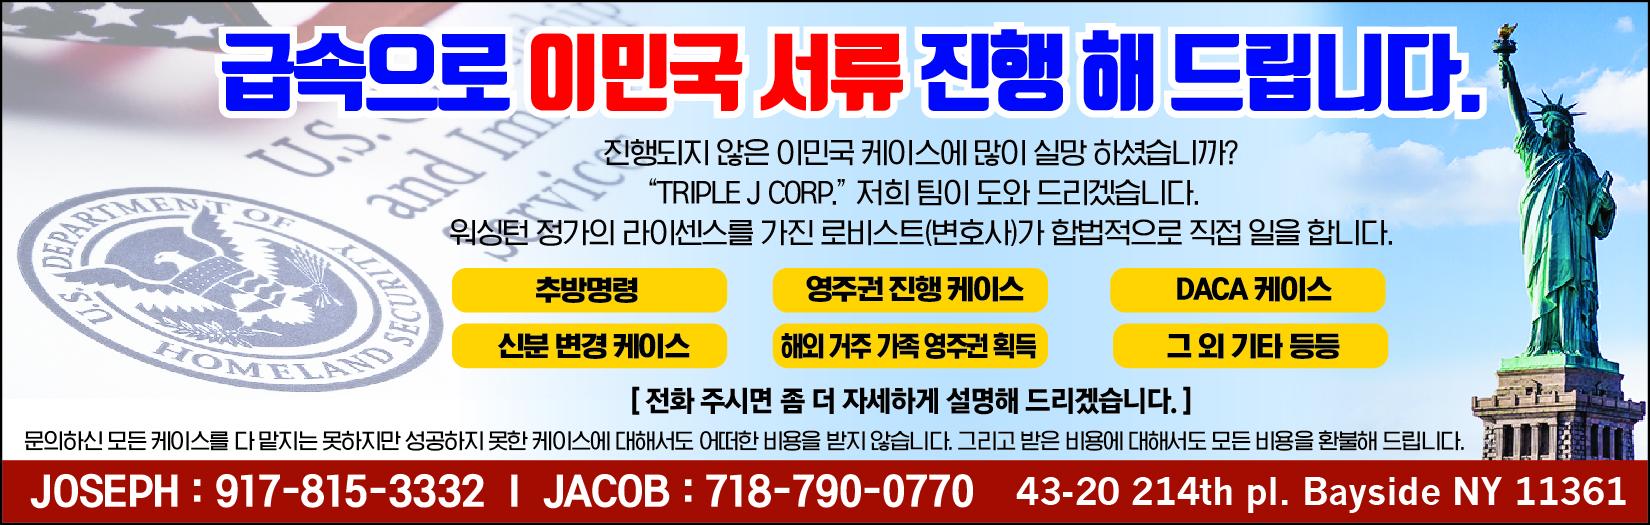 KakaoTalk_20201124_100107233.jpg